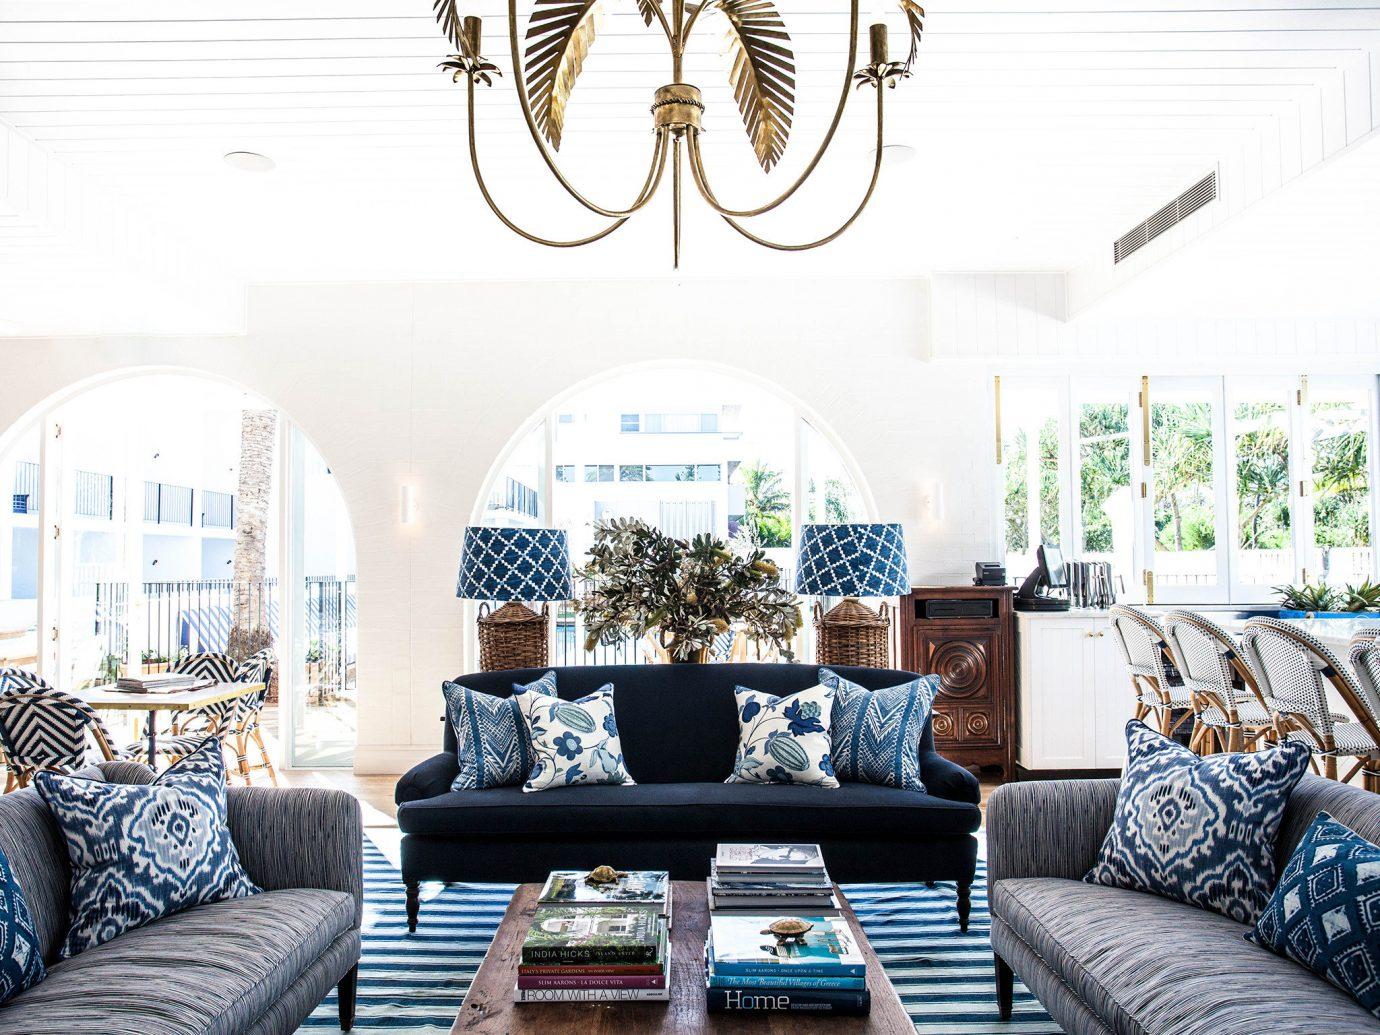 Beach Trip Ideas Living sofa indoor room window living room property home furniture estate interior design decorated real estate Design condominium area